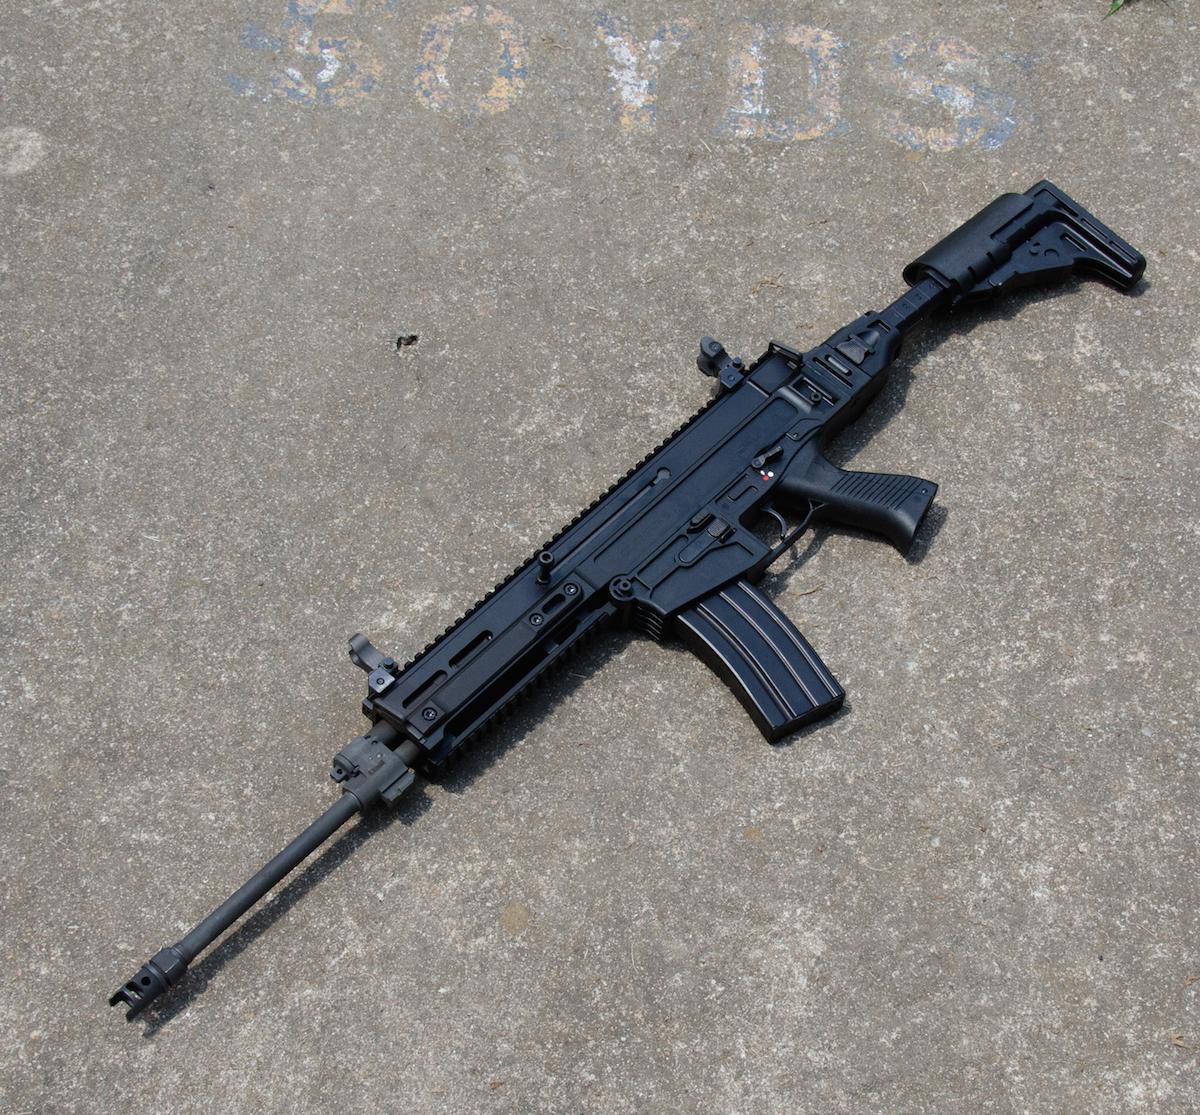 Civilian Bren Light Machinegun - CZ 805 Bren S1 Carbine Full Review